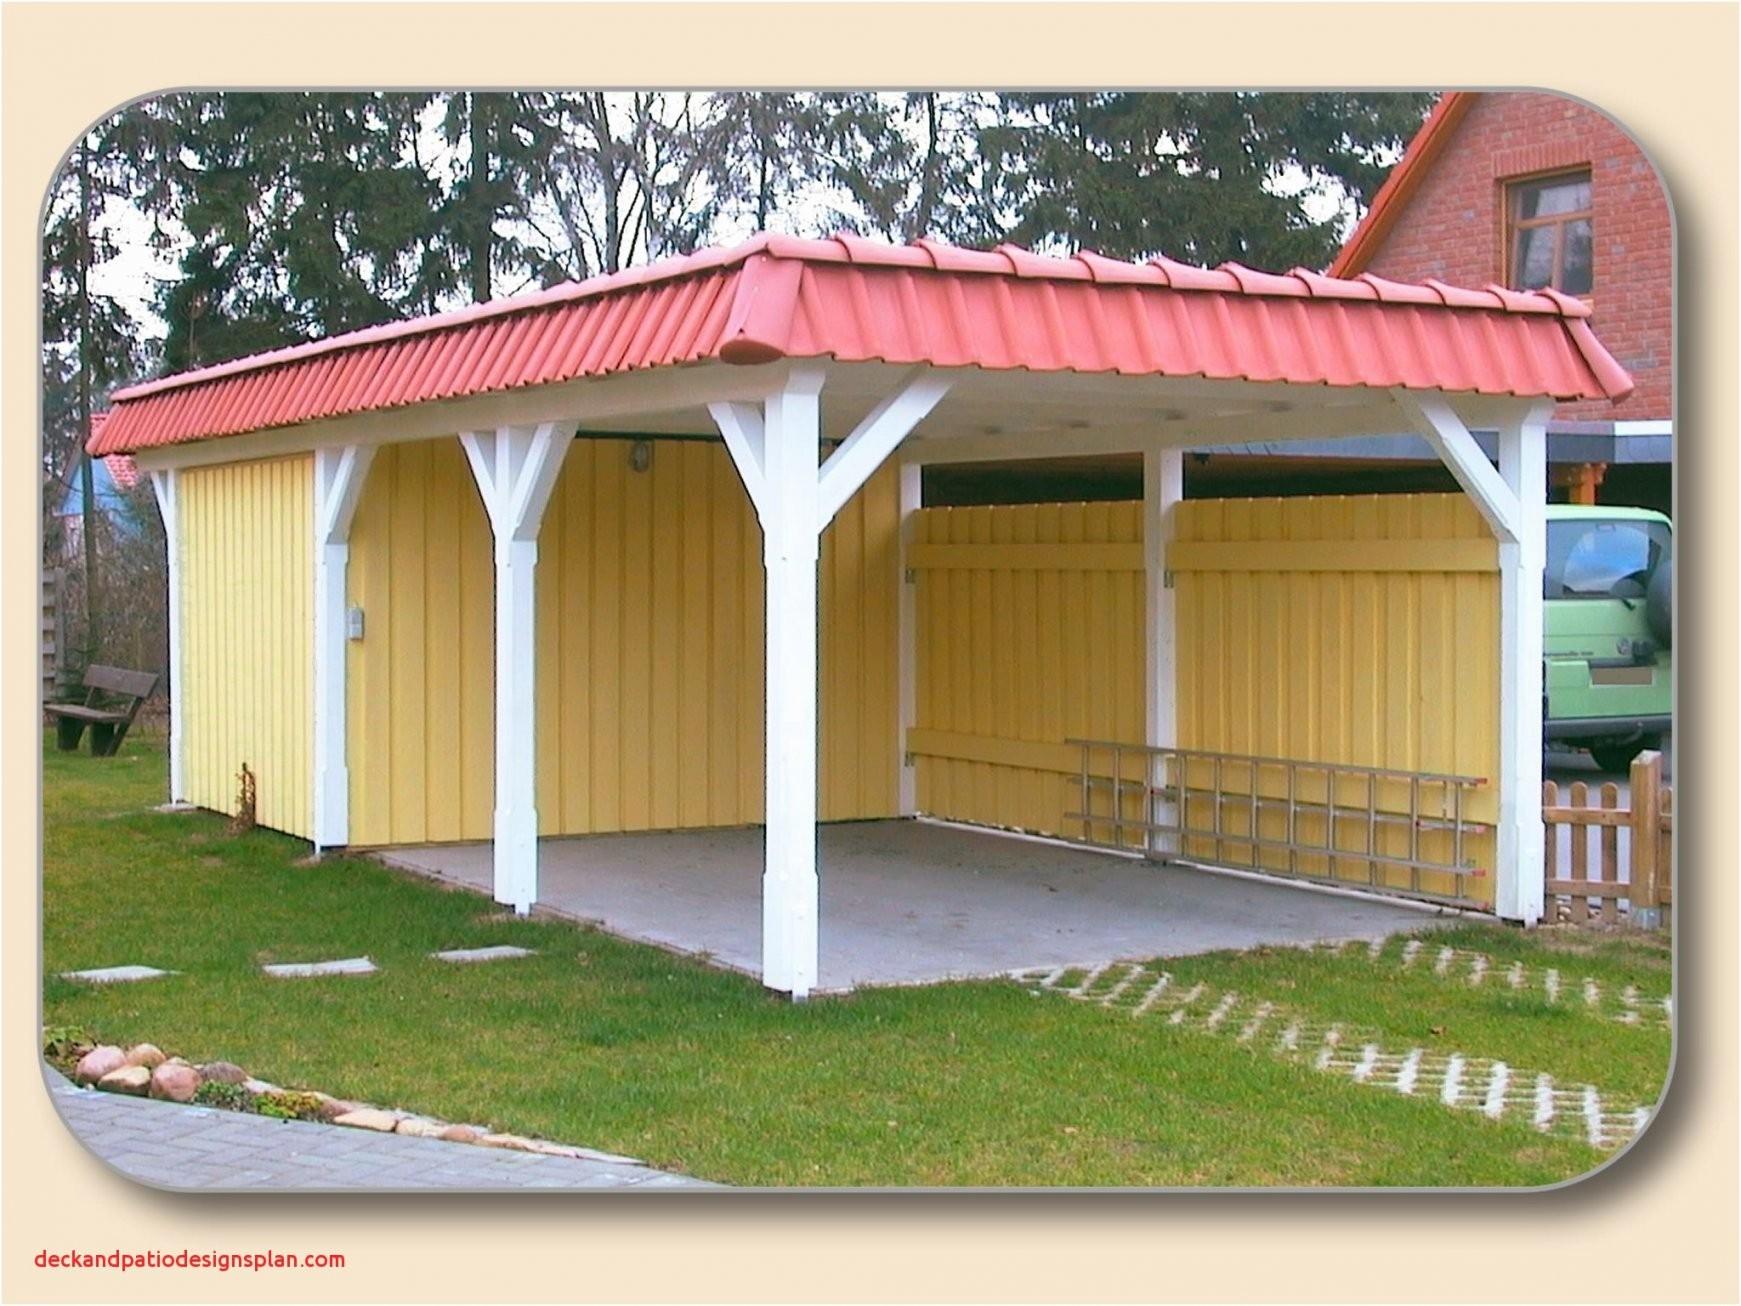 Terrassendach Aus Holz Selber Bauen In Bezug Auf von Terrassenüberdachung Aus Holz Selber Bauen Bild